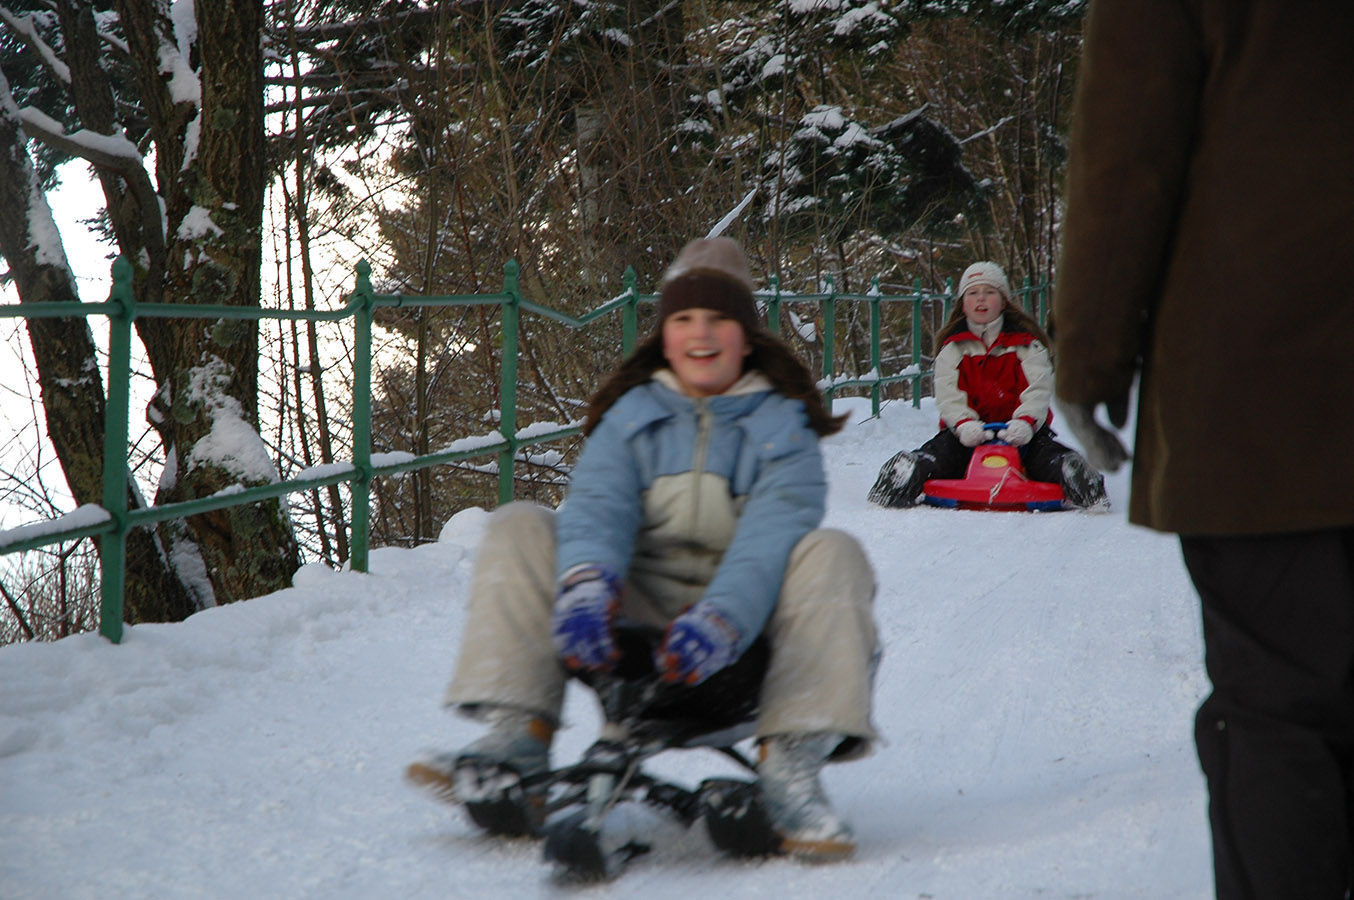 Fløyen, sledding downhill